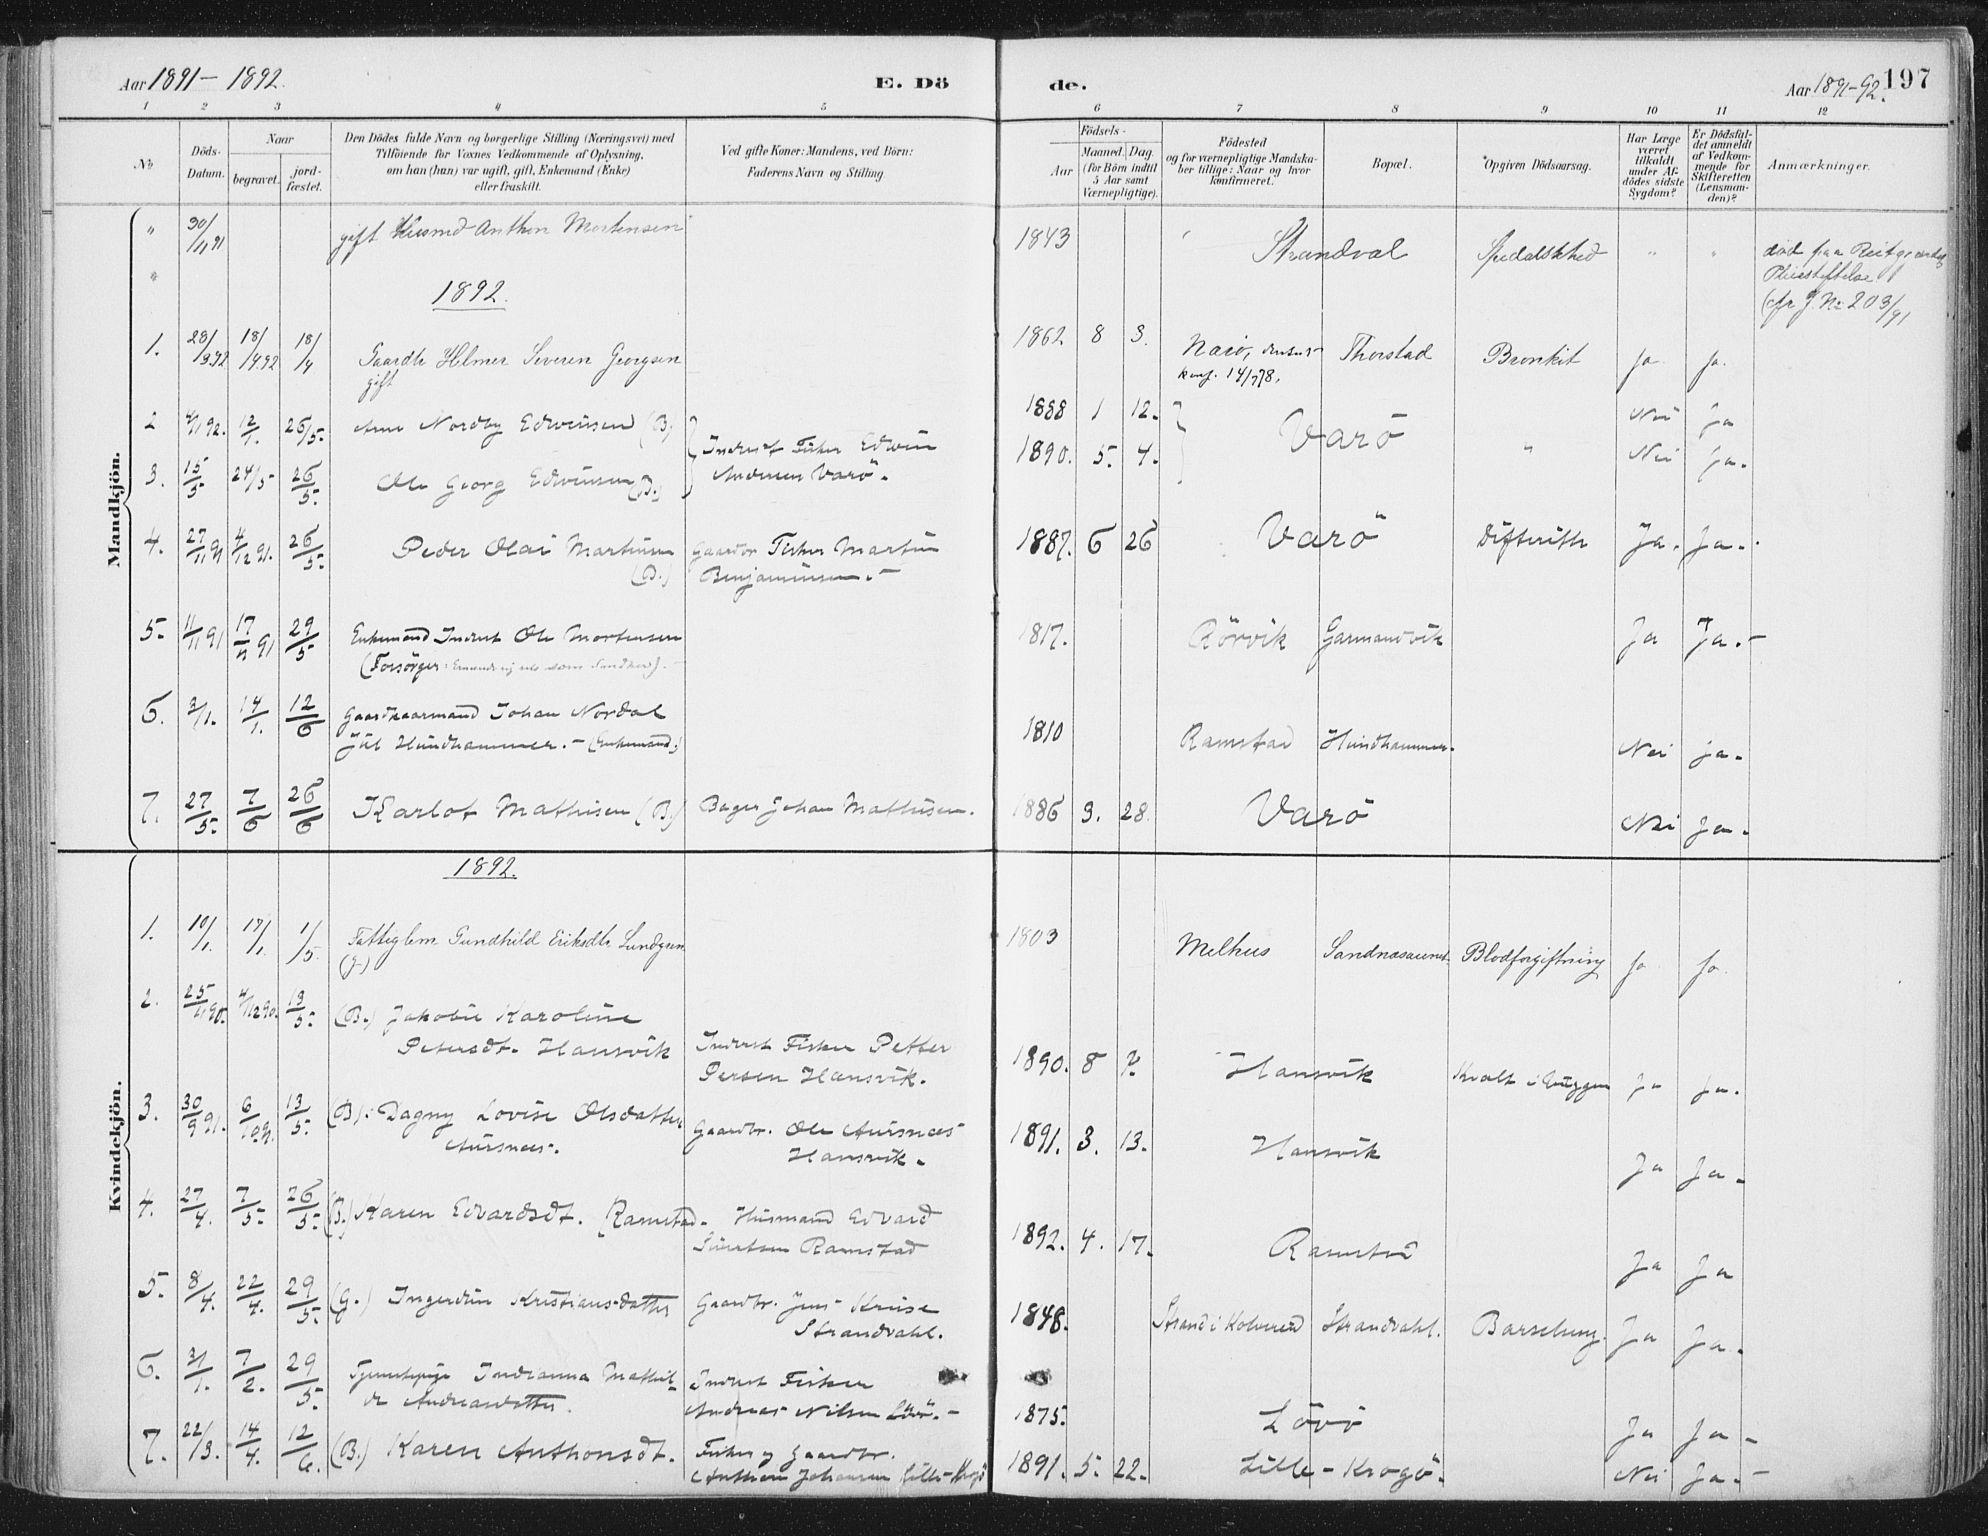 SAT, Ministerialprotokoller, klokkerbøker og fødselsregistre - Nord-Trøndelag, 784/L0673: Ministerialbok nr. 784A08, 1888-1899, s. 197